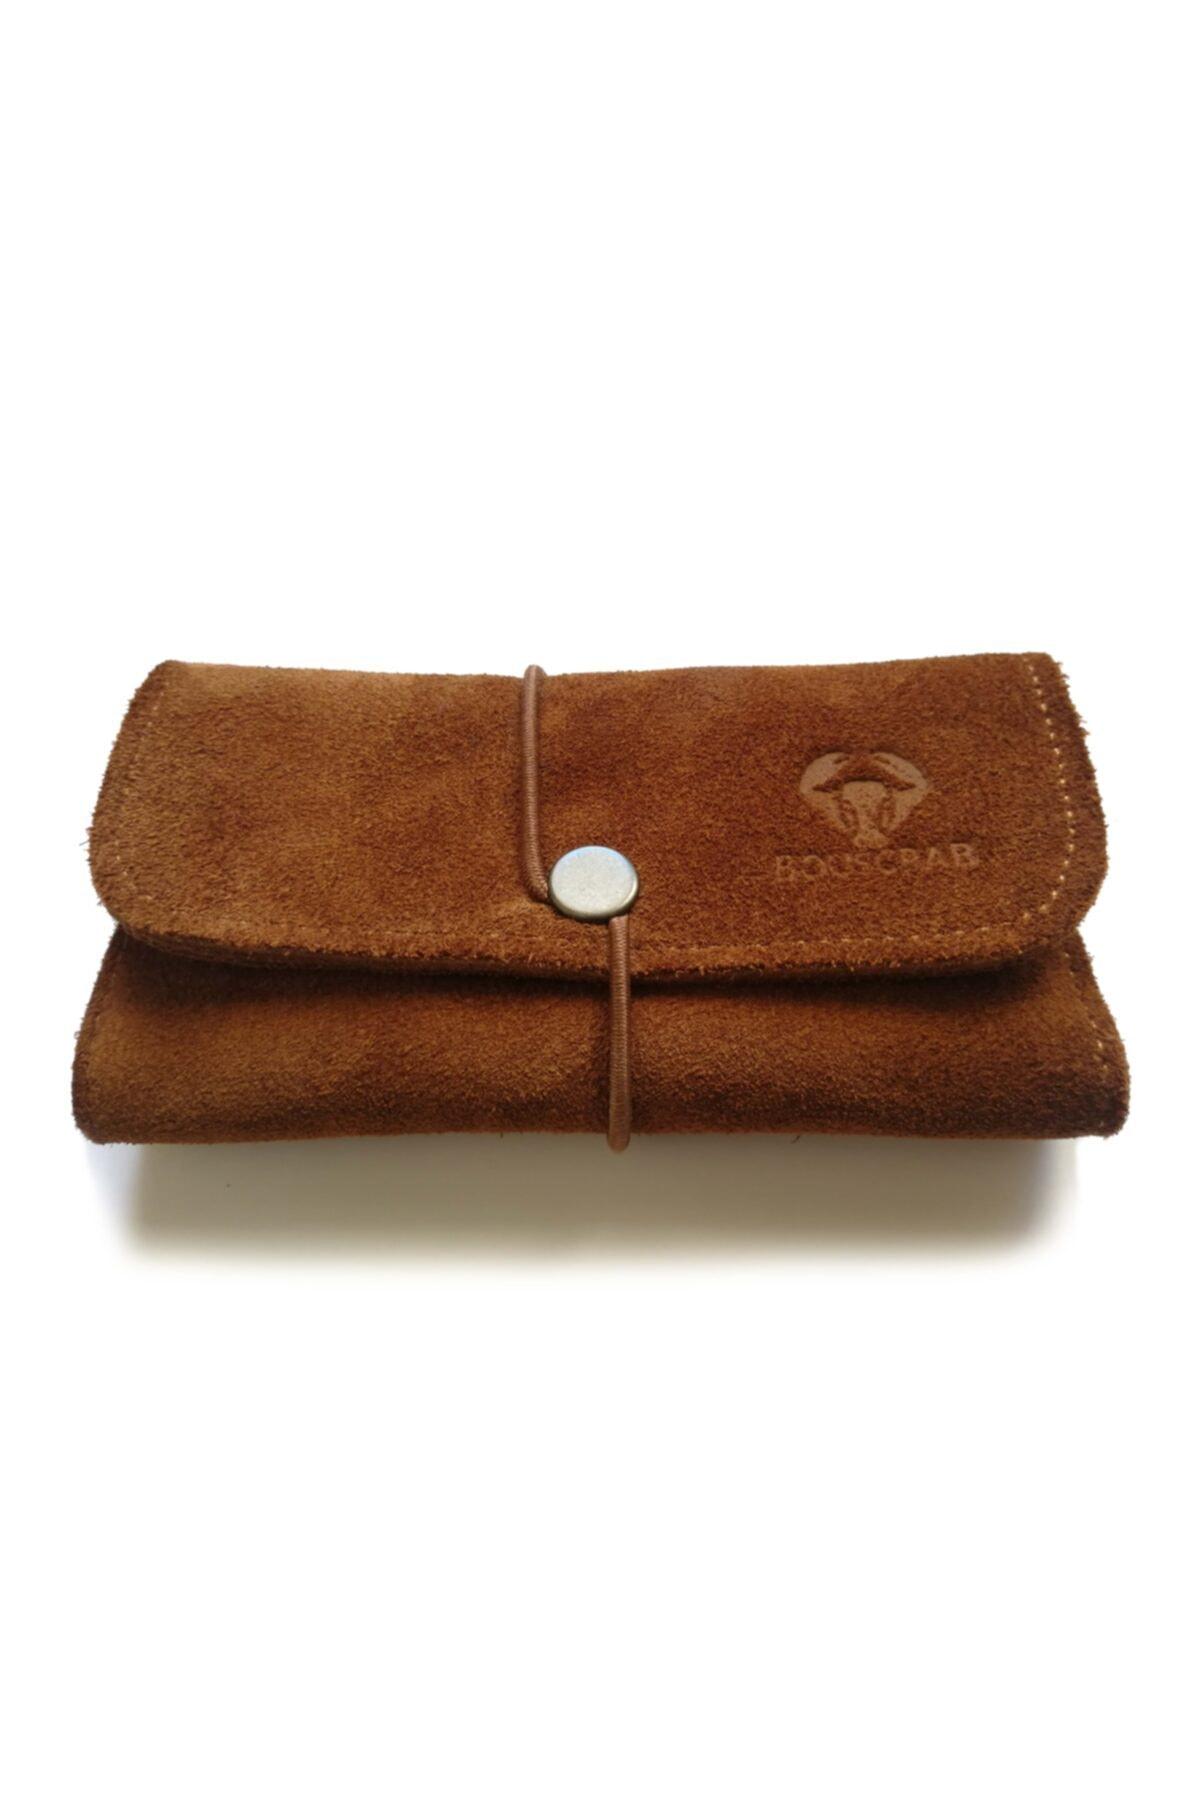 English Leather Tutun Kesesi Cüzdan Tutun Çantası %100 Süet Deri 1